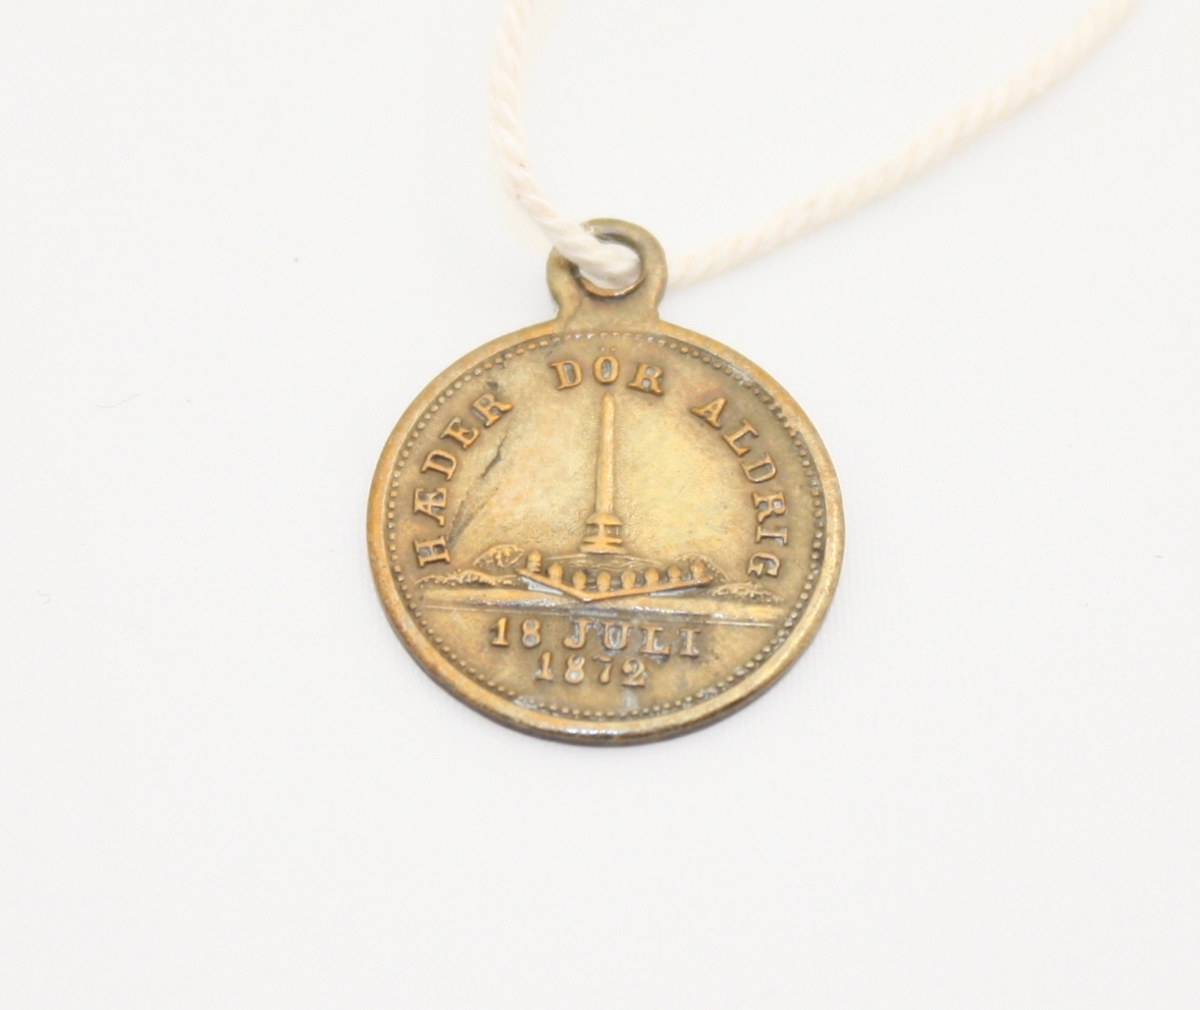 Sirkulær minnemynt med hempe. Mynten er på den ene siden dekorert med et pilkogger, økt og spyd som krysser hverandre. På den andre siden er Haraldstøtta. På begge sider er myntens kanter dekorert med en prikket kantlinje. Denne typen medaljer ble laget av Stavanger By i anledning Tusenårsfesten 18. juli 1872, og avdukingen av Haraldstøtta i Haugesund.